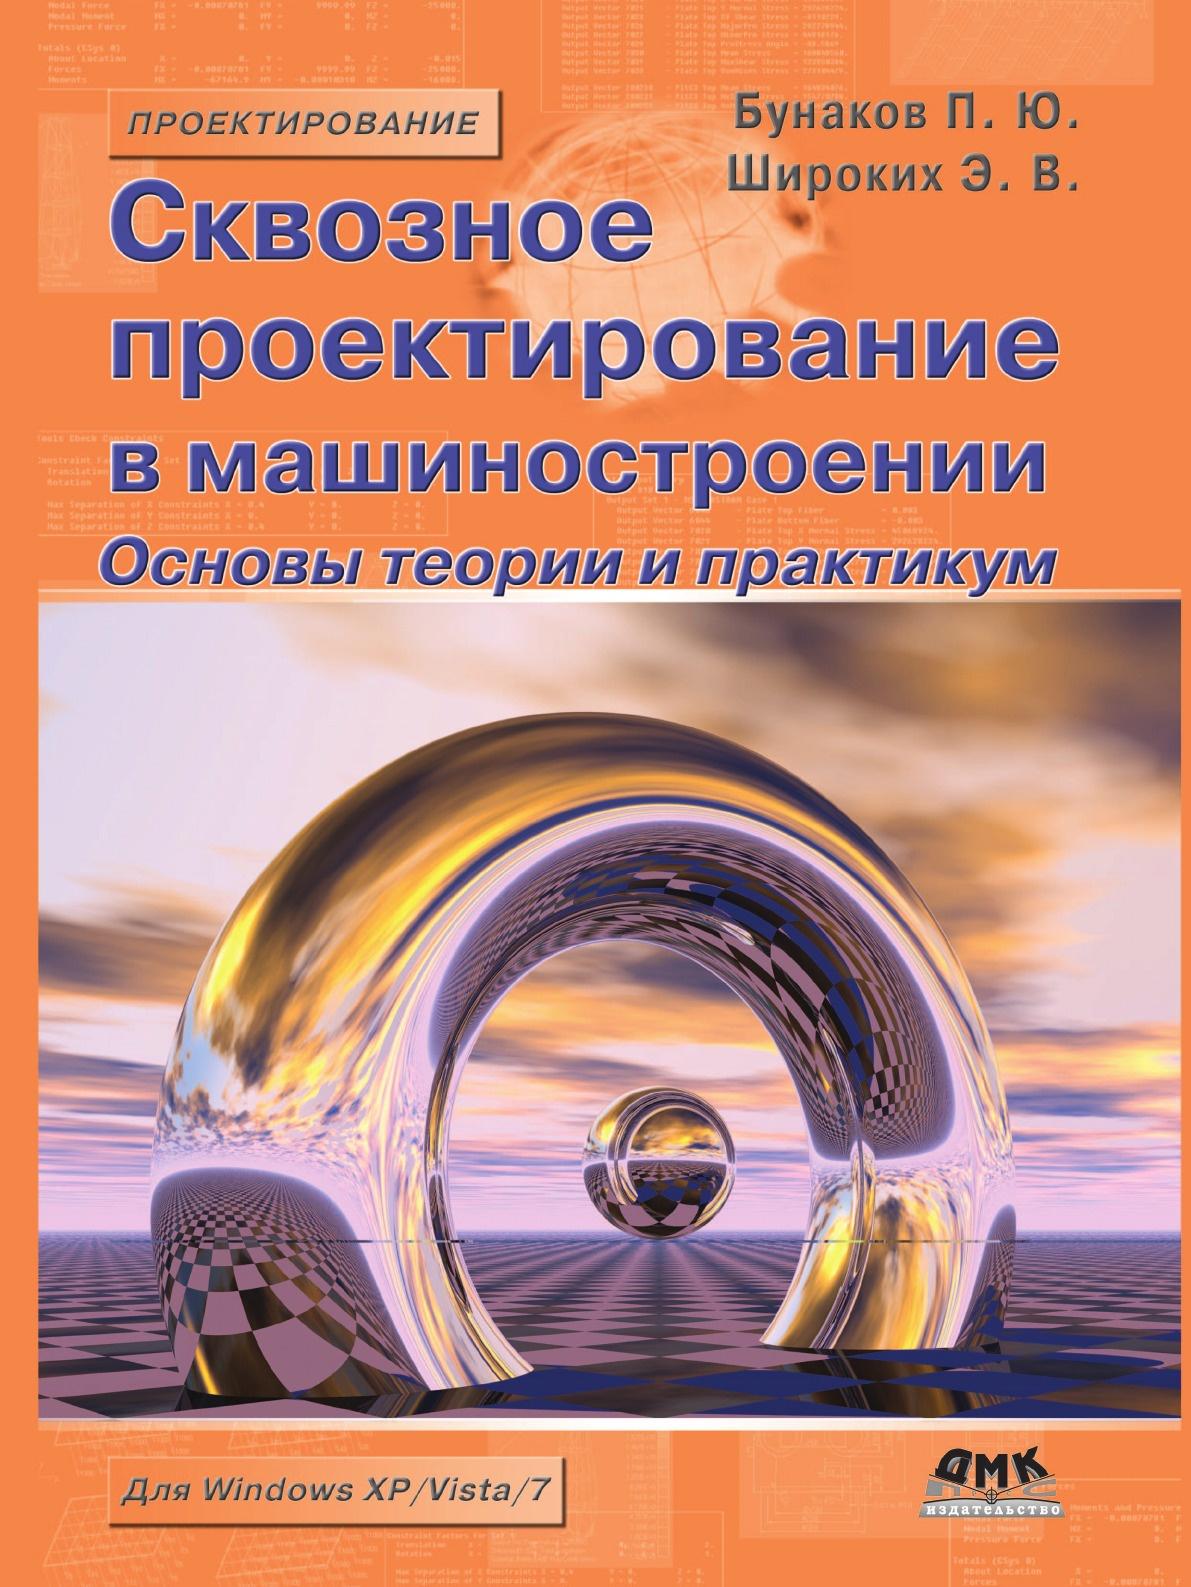 П.Ю. Бунаков, Э.В. Широких Сквозное проектирование в машиностроении. Основы теории и практикум